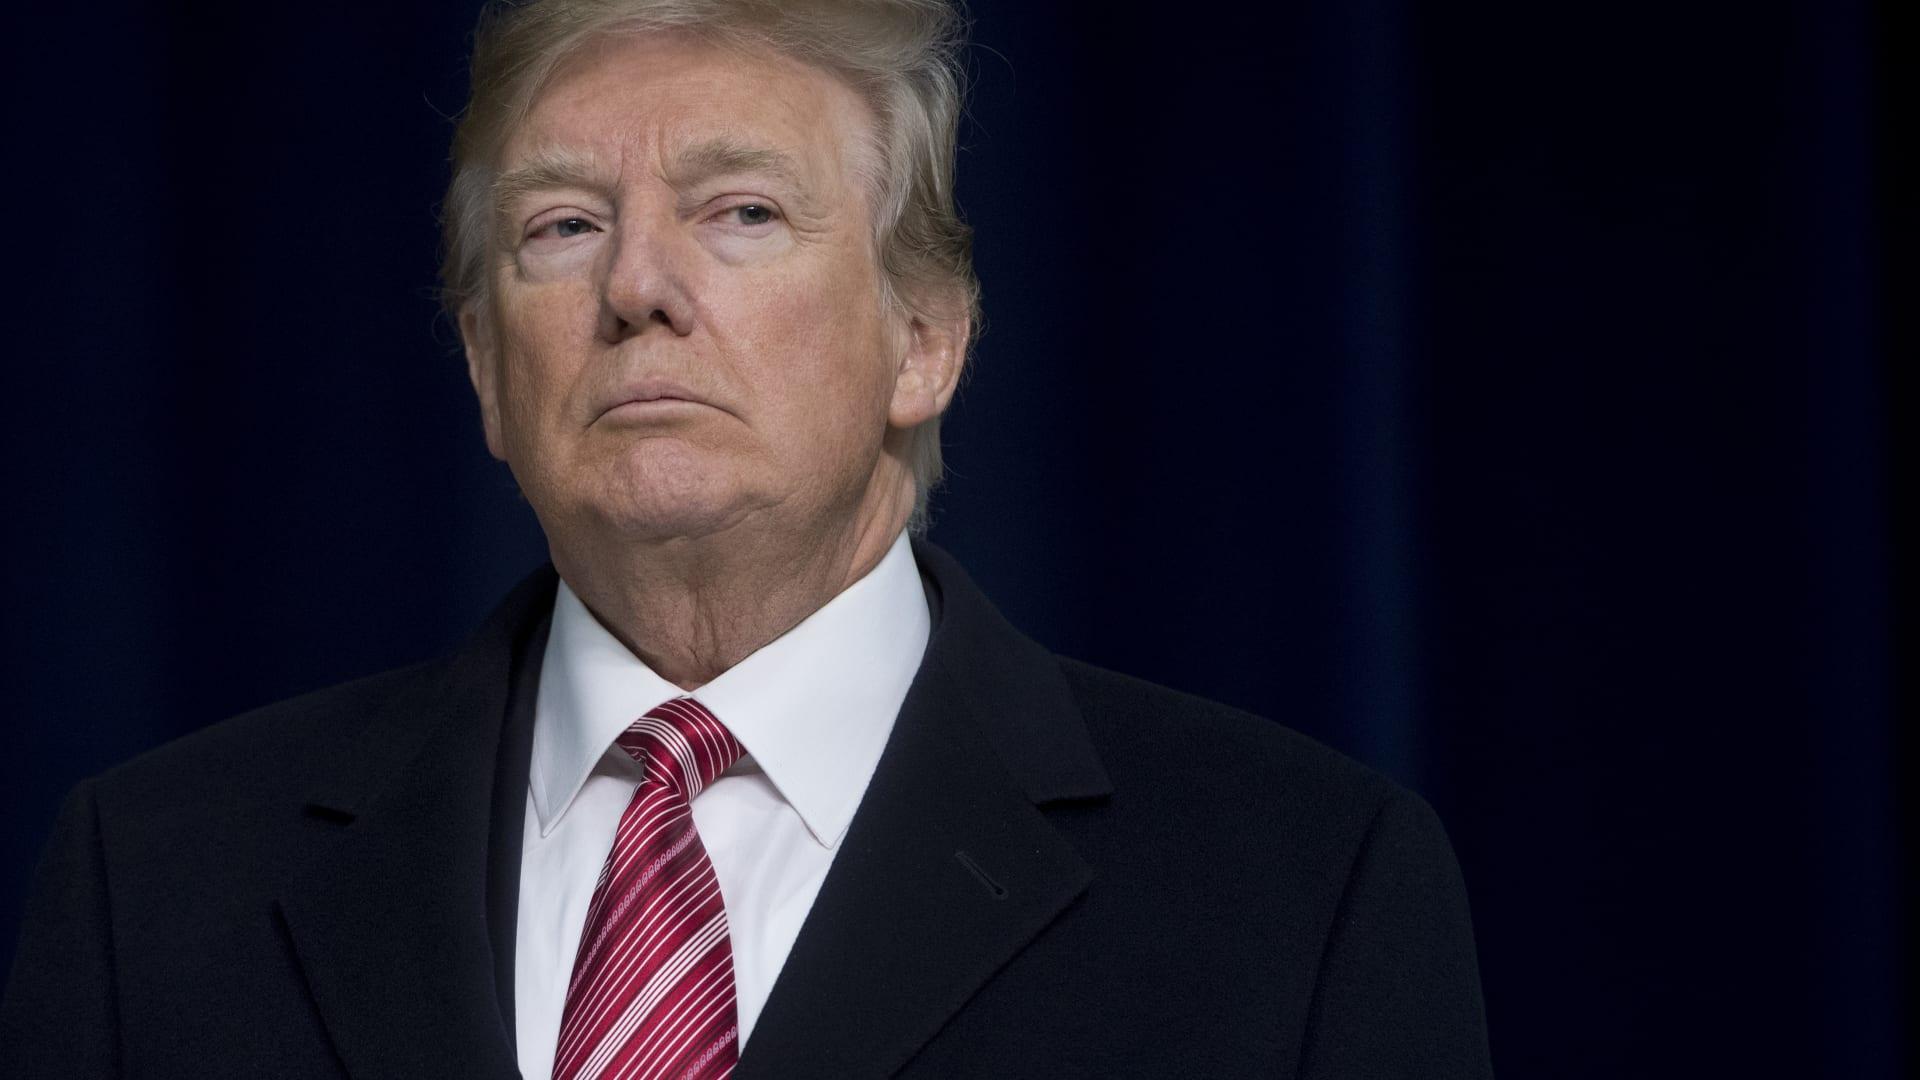 بيرني ساندرز عن عدم تنازل ترامب: أمر مشين وغير أمريكي على الإطلاق